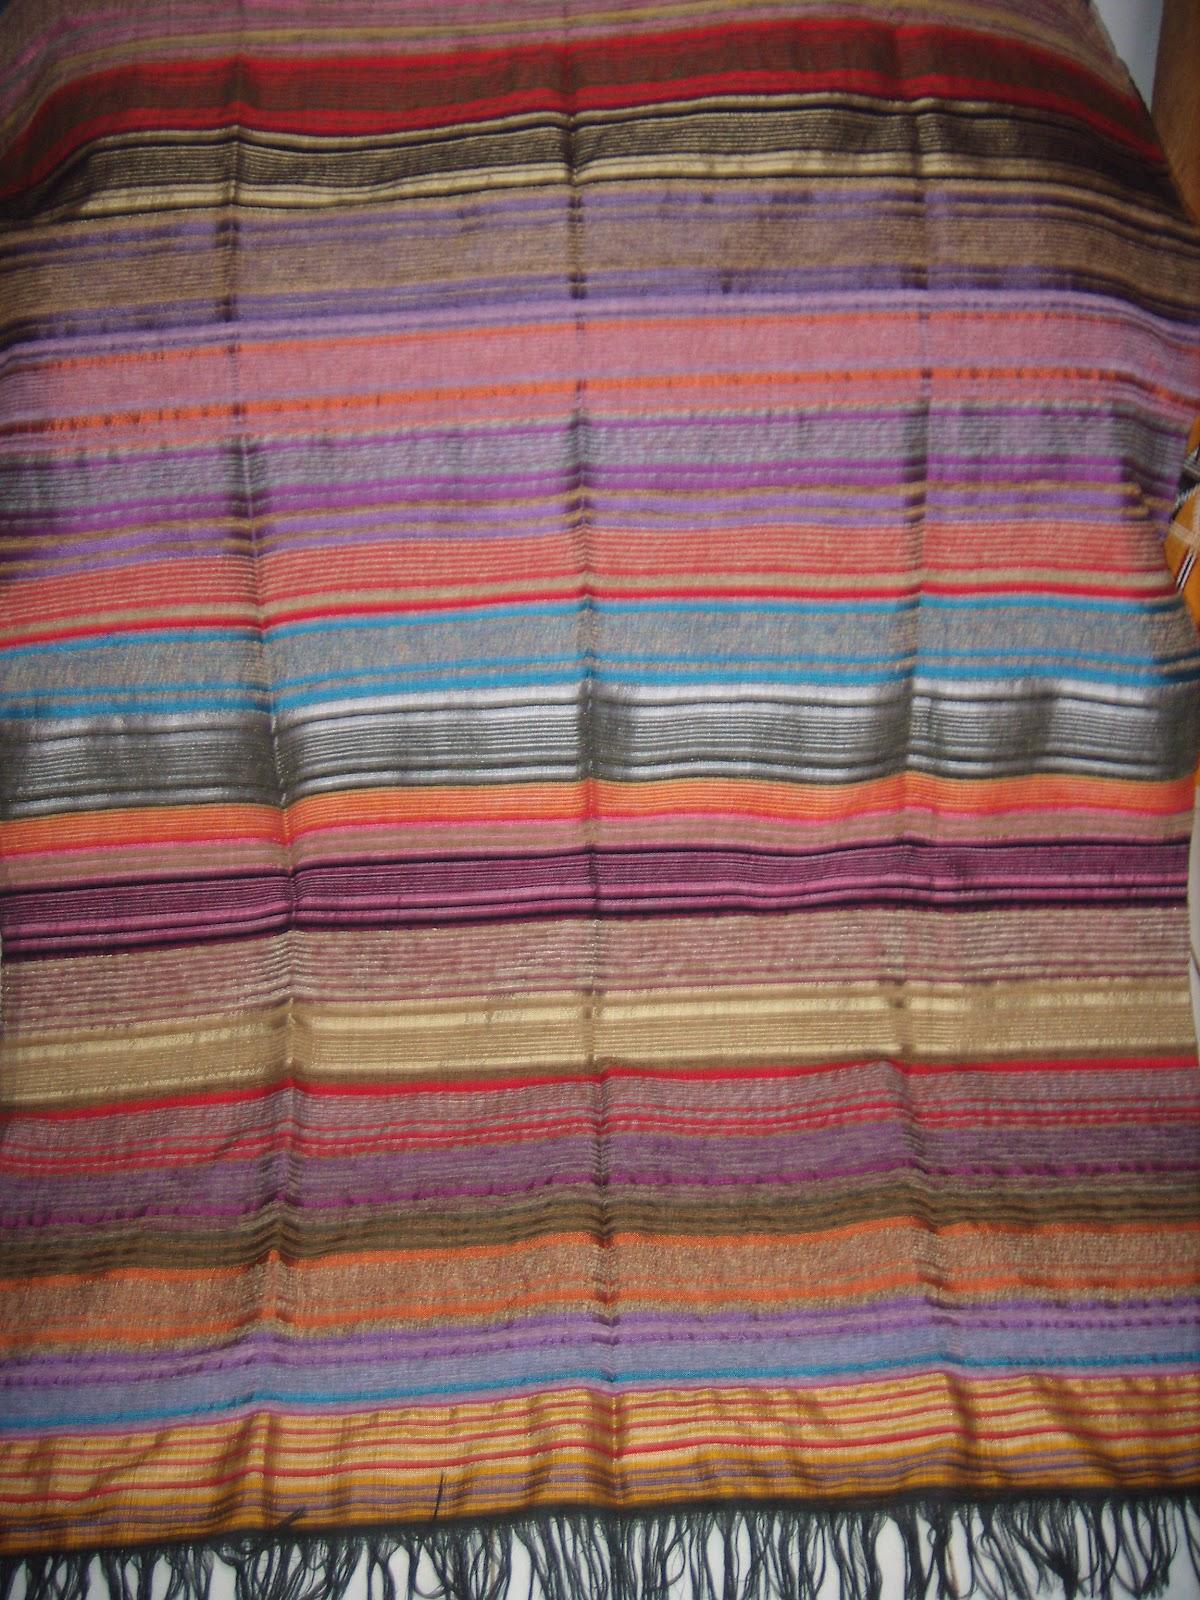 merycarpet couvre lit ou jet de canap multicolore avec. Black Bedroom Furniture Sets. Home Design Ideas